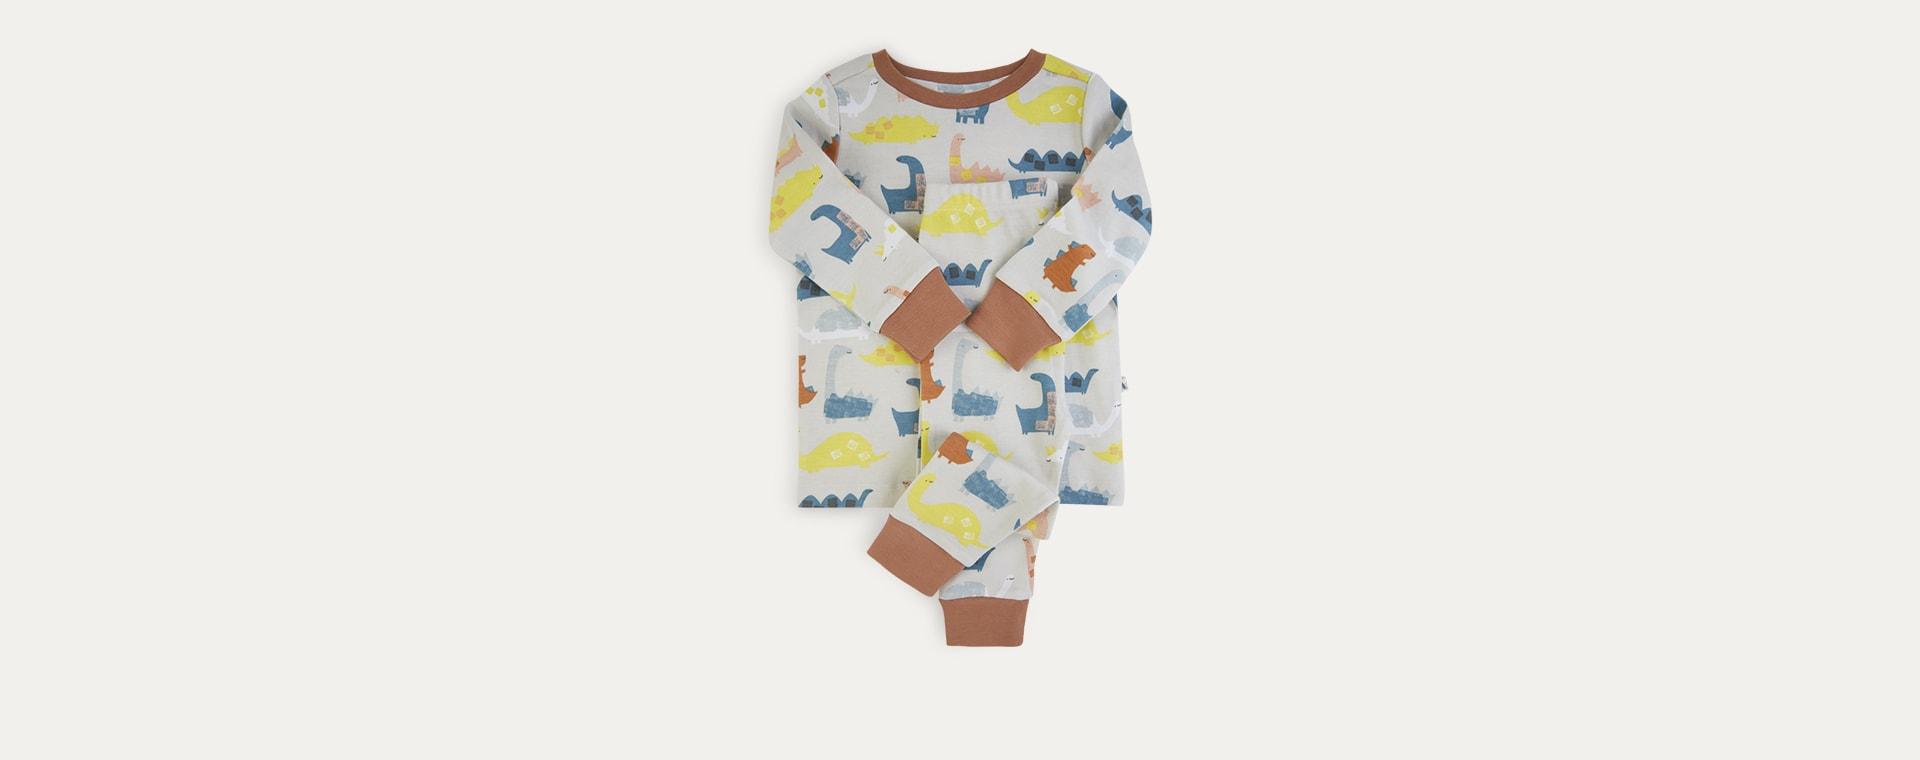 Dino Print KIDLY Label Organic Pyjamas